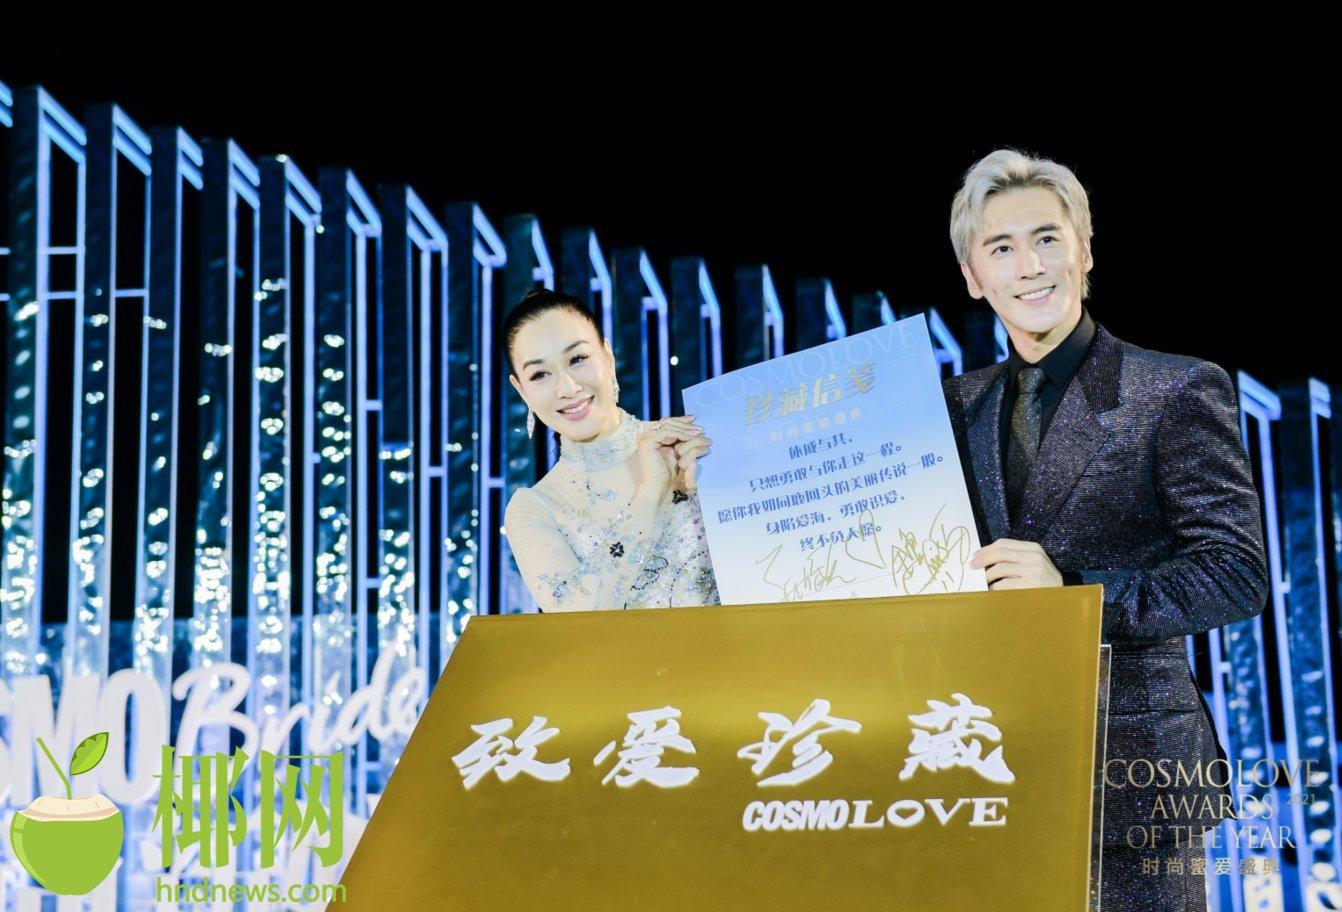 张伦硕、钟丽缇等数十位演艺名人鼎力助阵 2021时尚蜜爱盛典三亚落幕